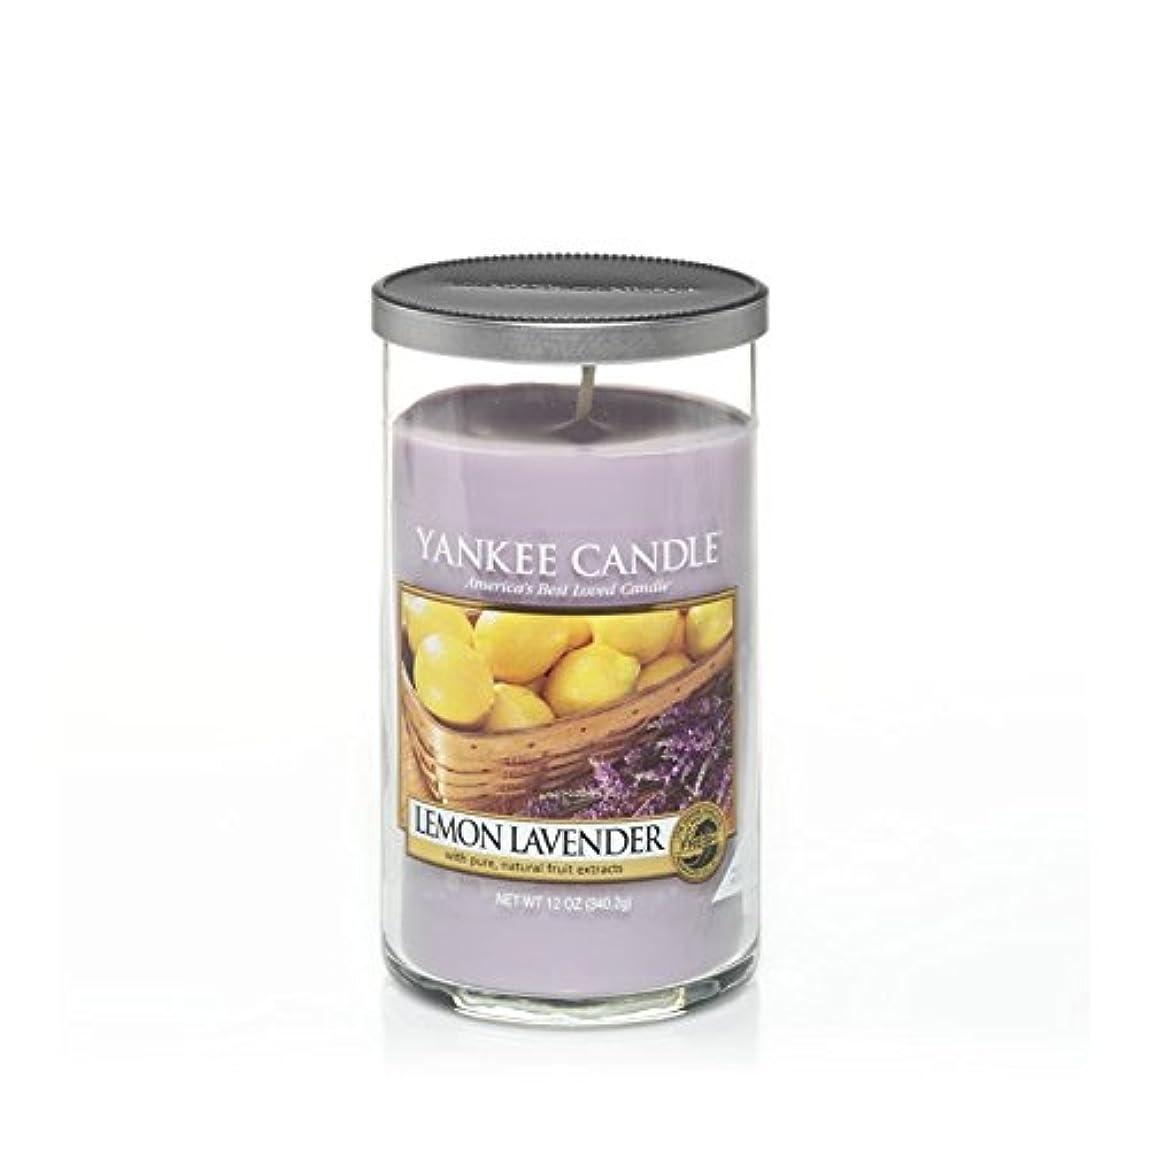 ジョイント繊毛大きさYankee Candles Medium Pillar Candle - Lemon Lavender (Pack of 2) - ヤンキーキャンドルメディアピラーキャンドル - レモンラベンダー (x2) [並行輸入品]